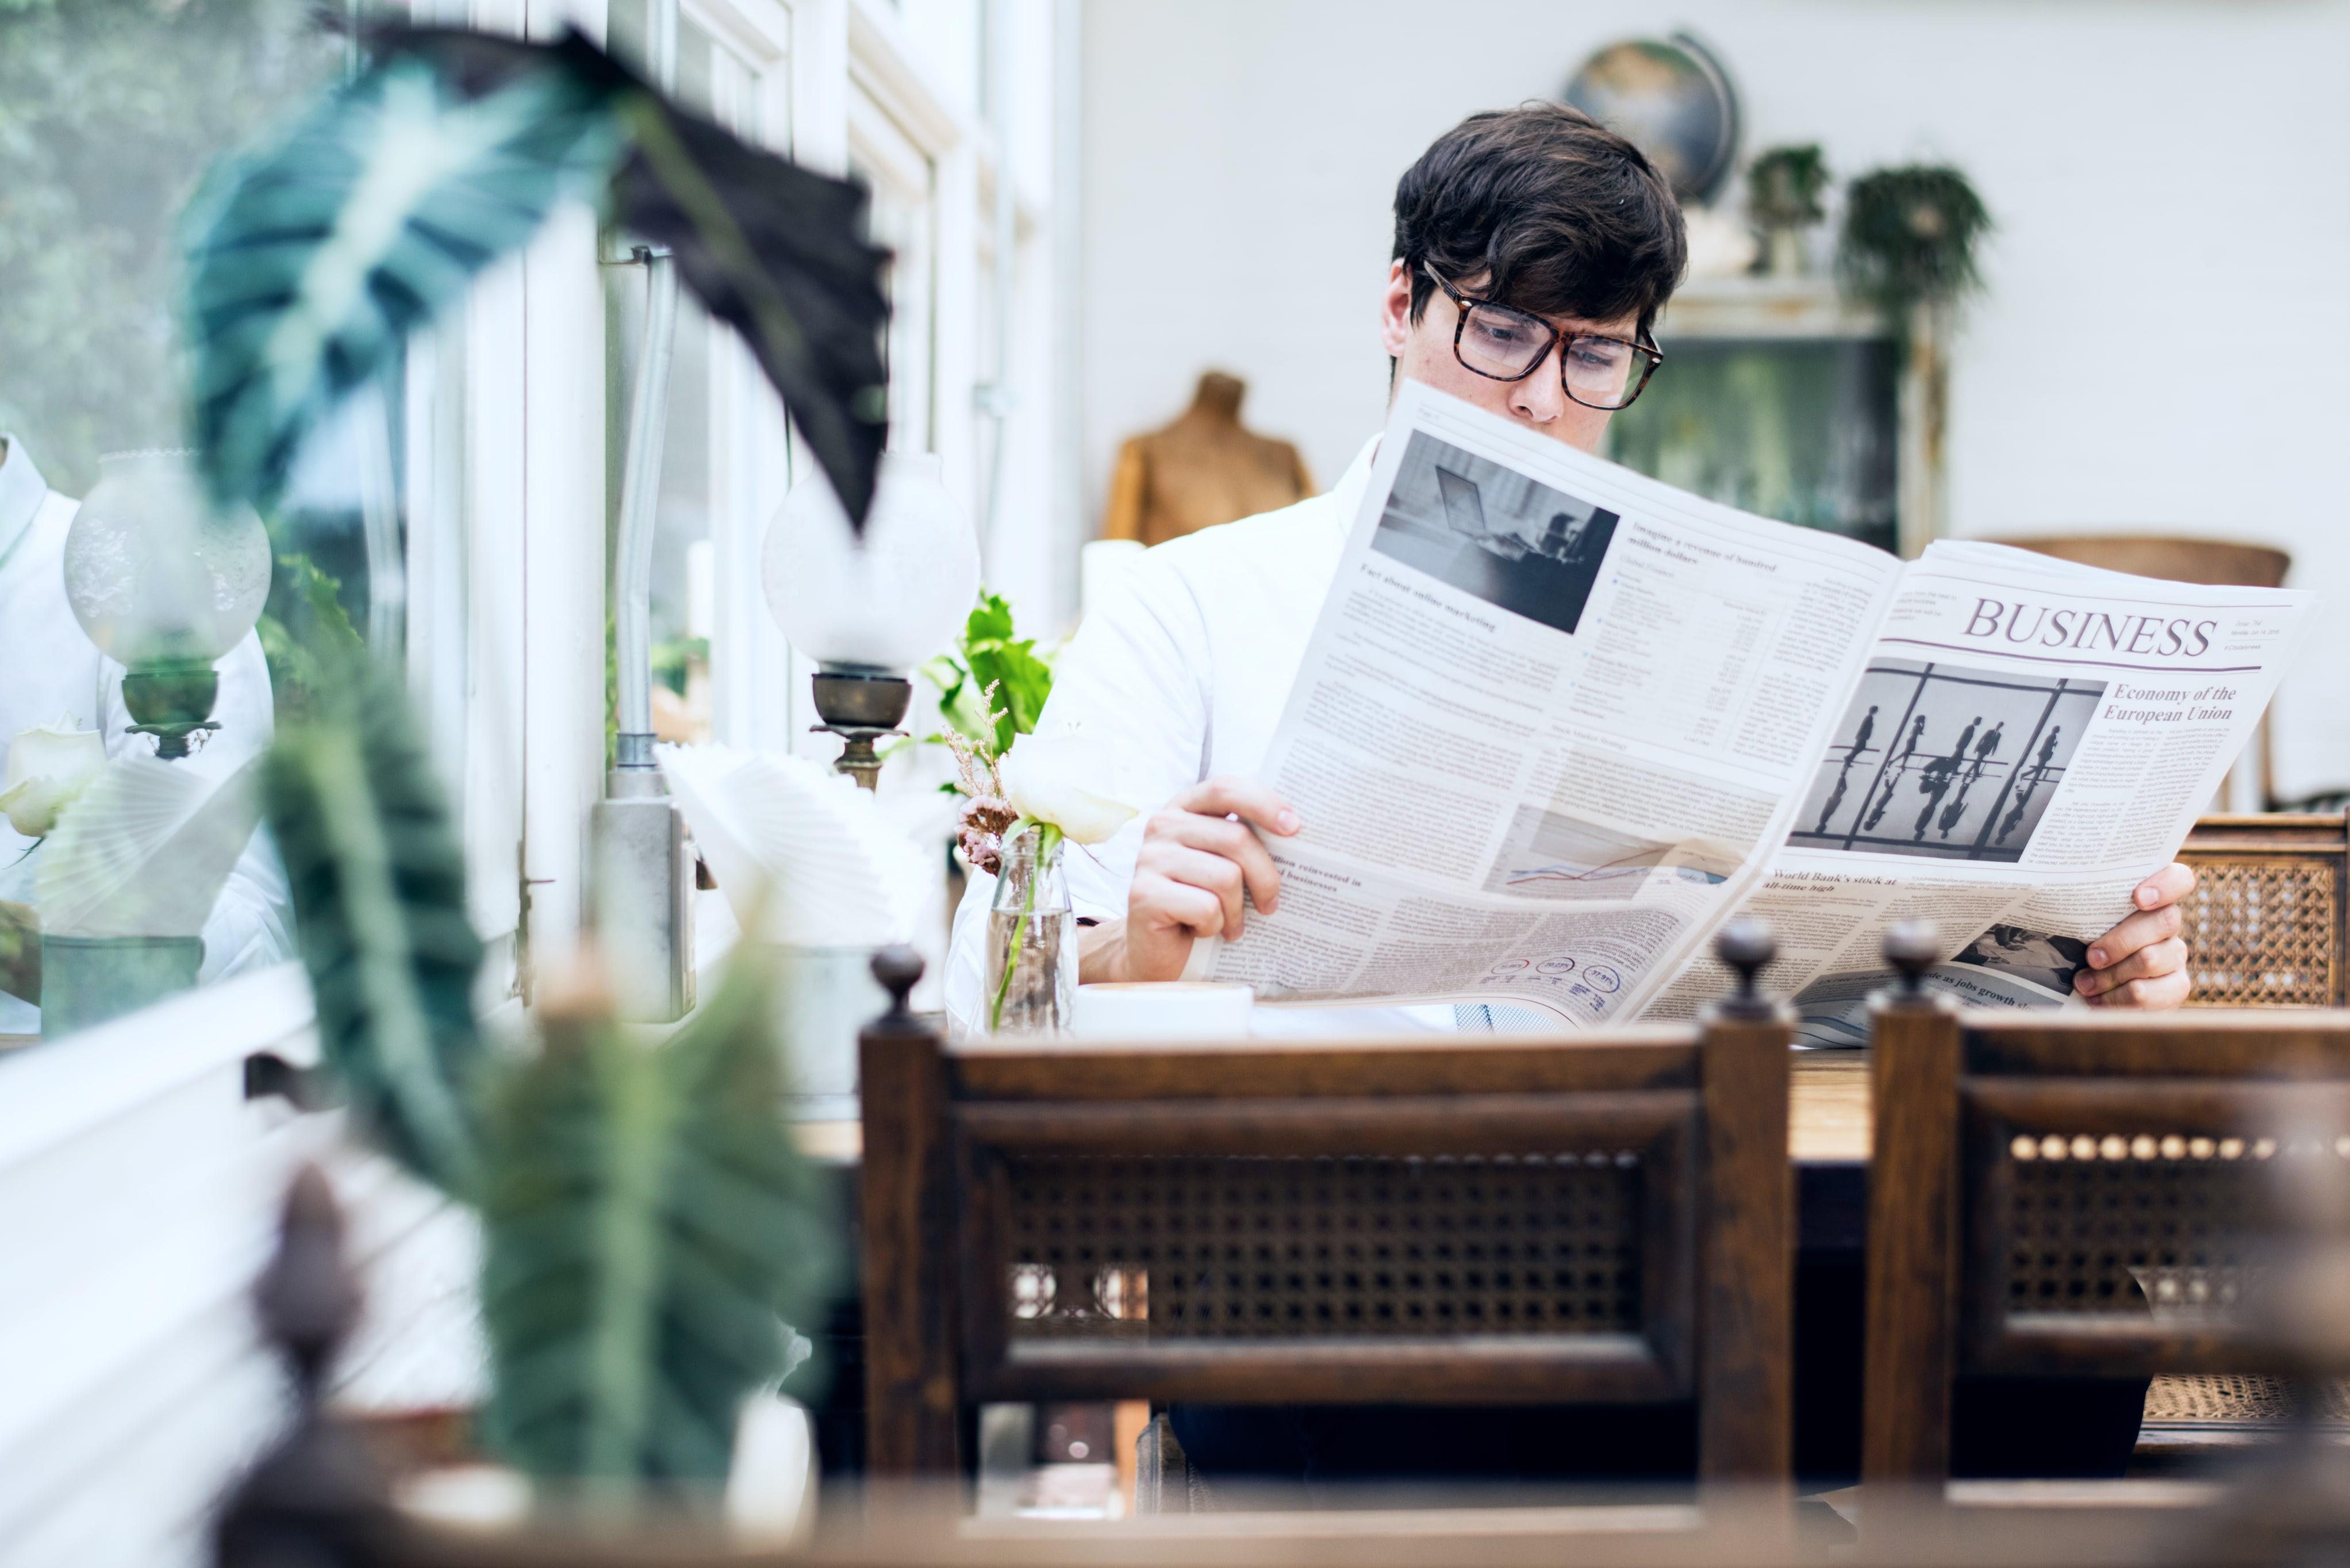 Persberichten schrijven: 8 tips voor meer media-aandacht